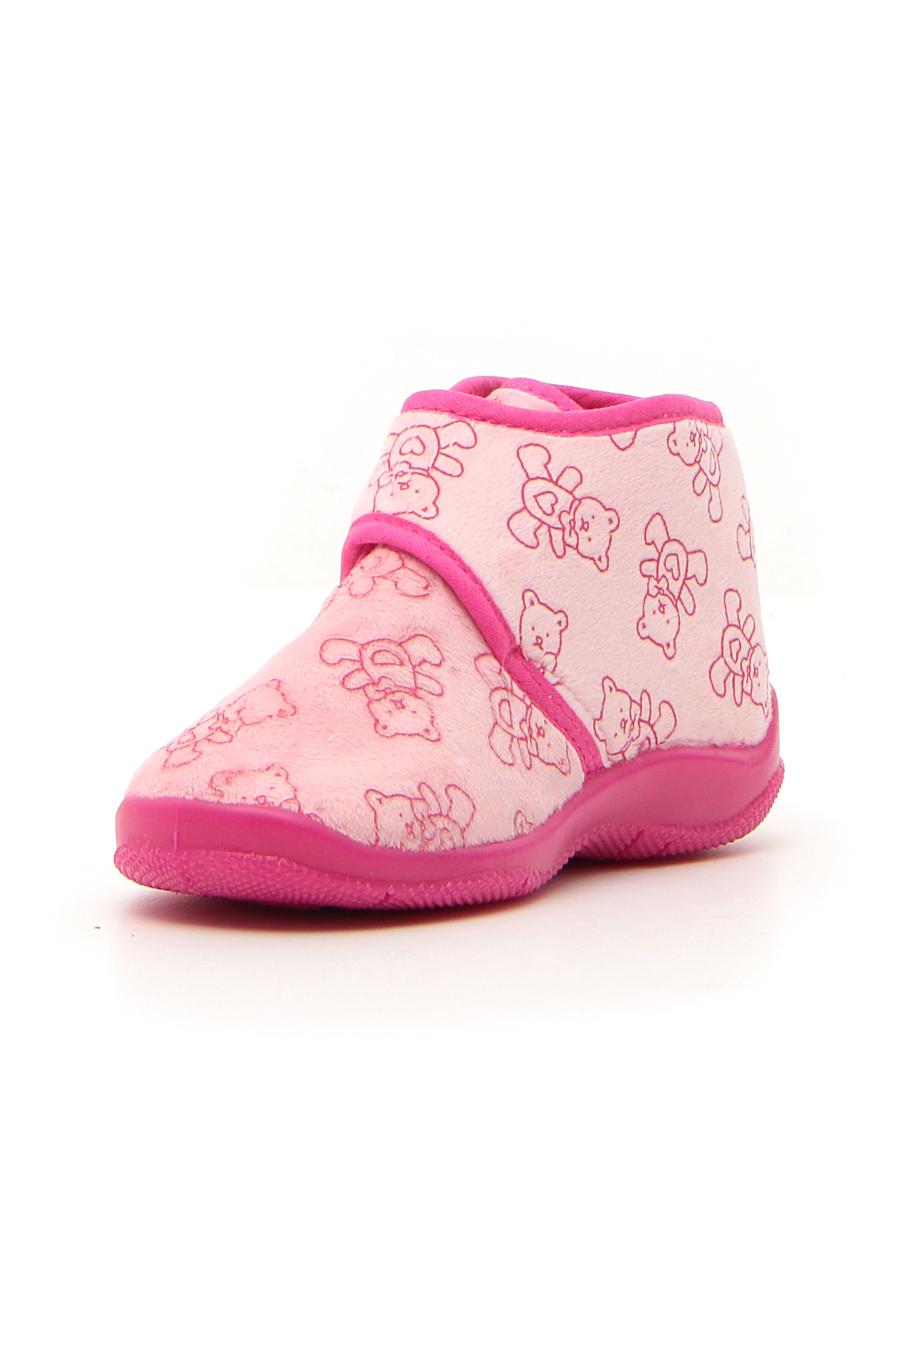 PANTOFOLE bambino rosa SUPERGA 21115 | Pittarello